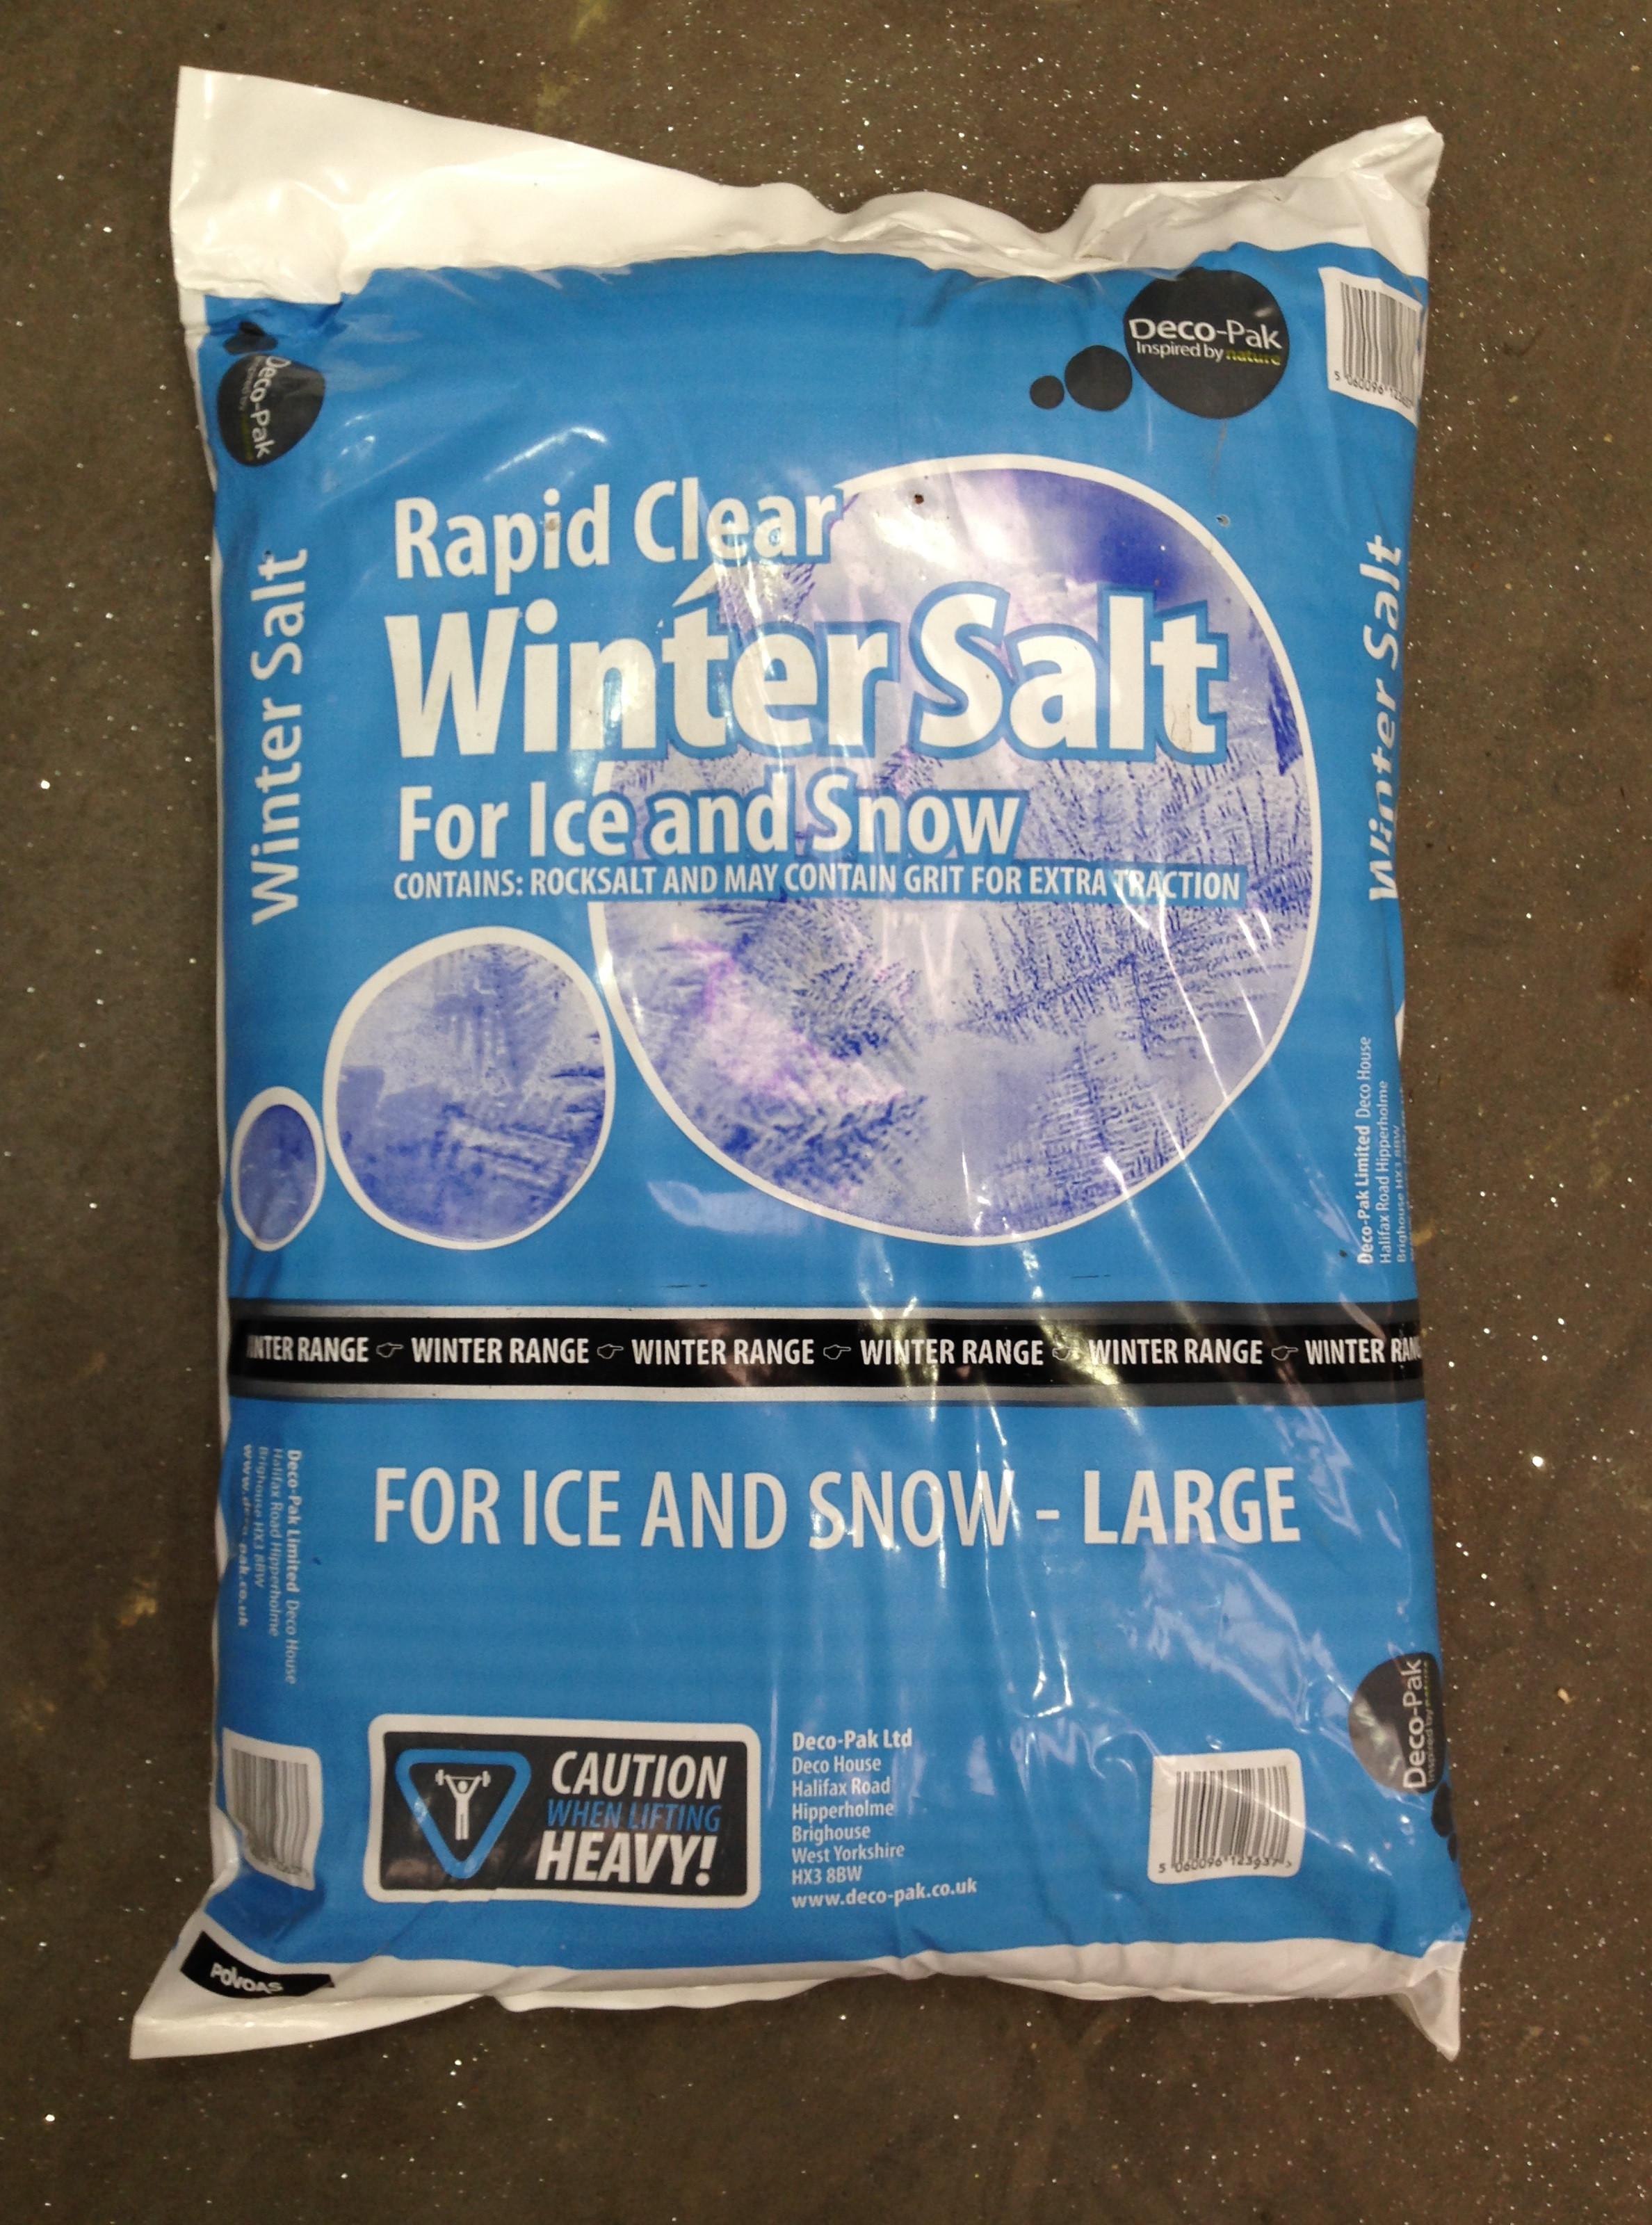 Winter Salt